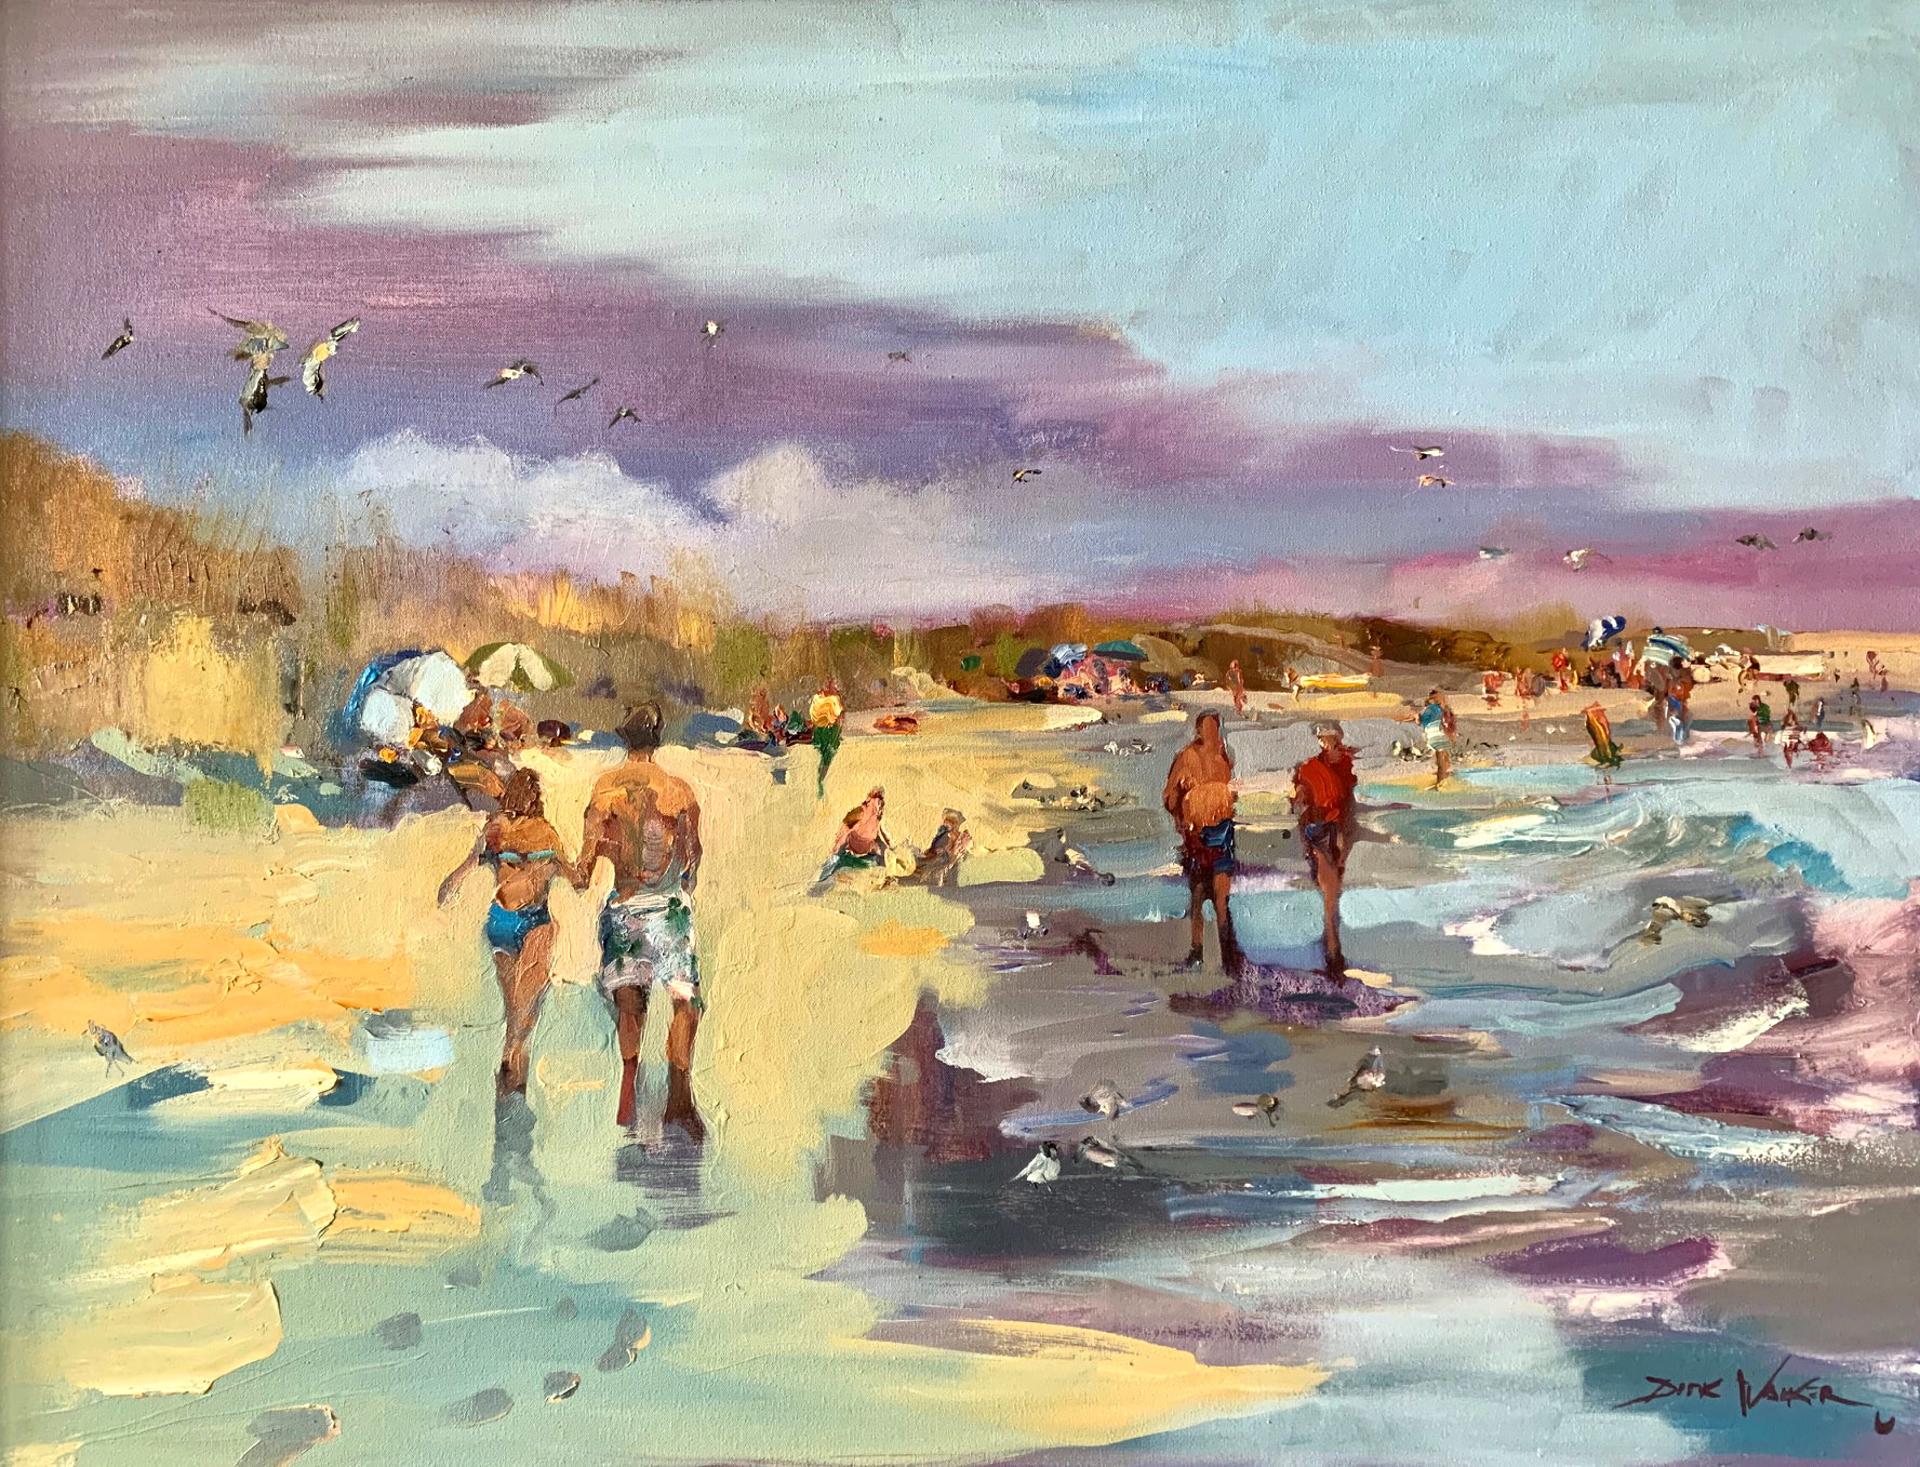 Summer Memories by Dirk Walker